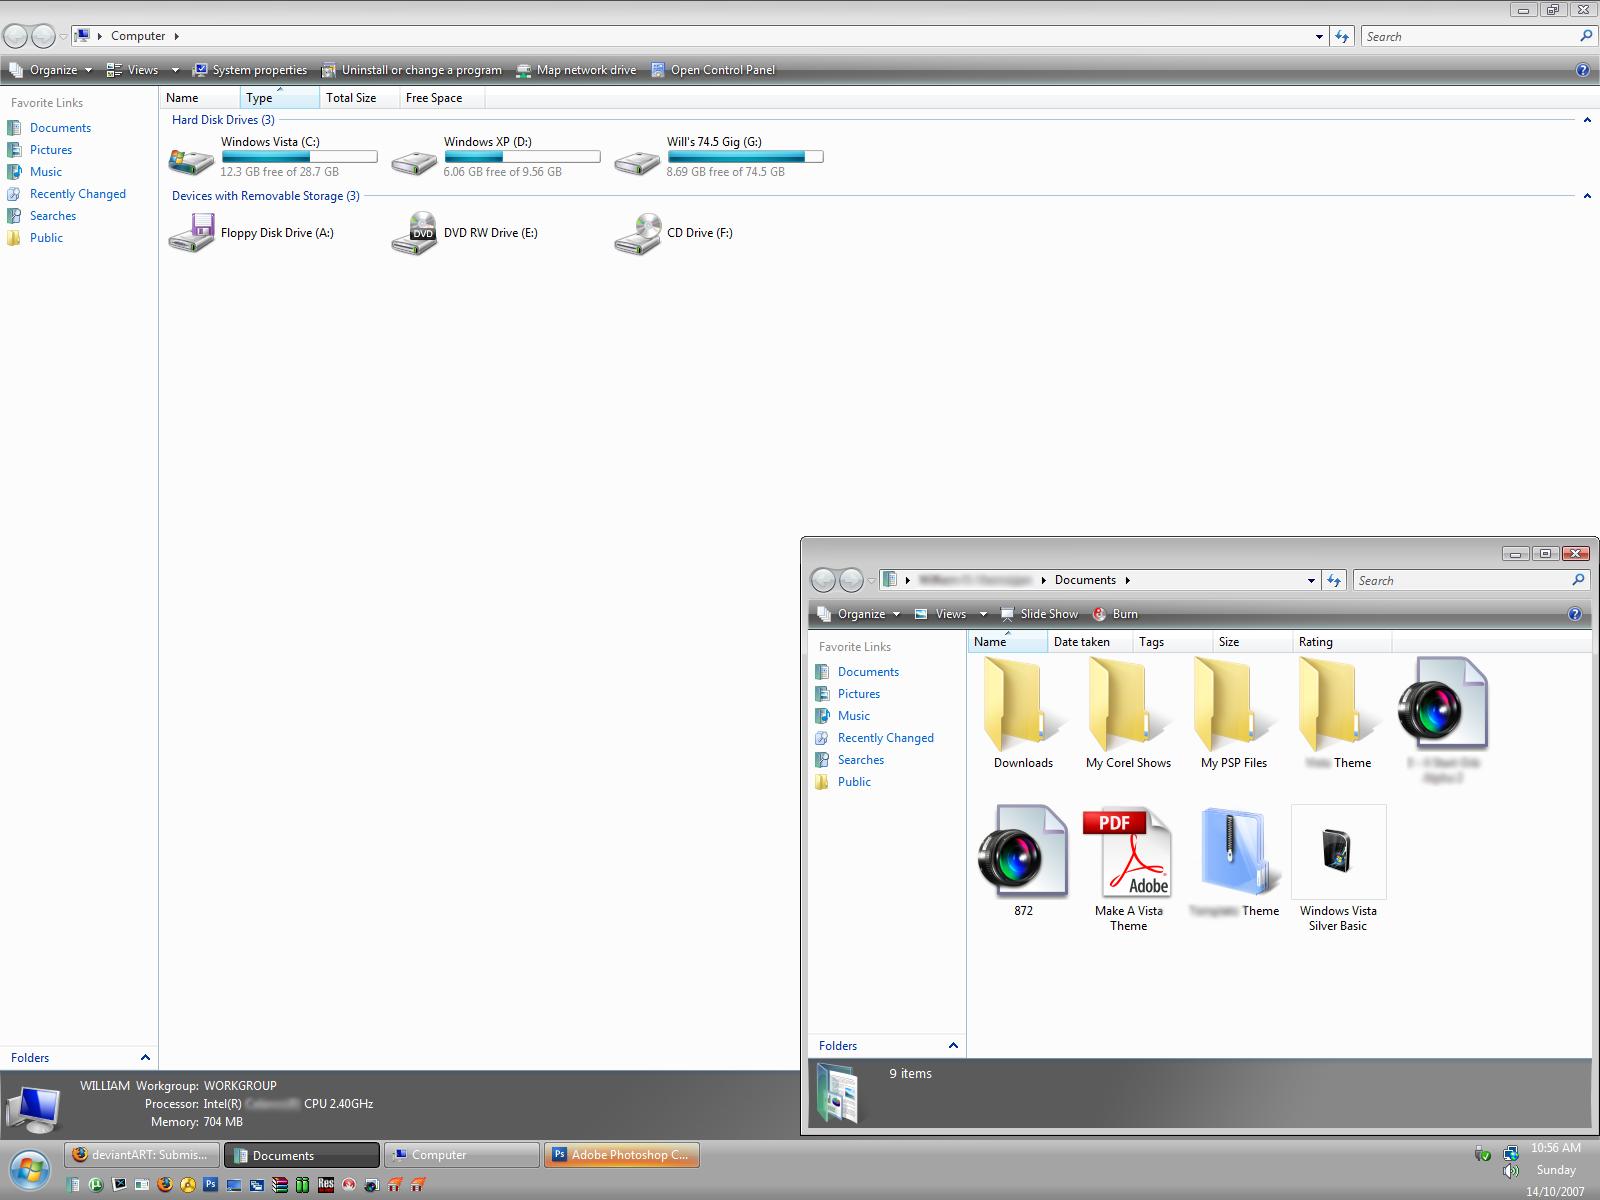 Windows Vista Silver BASIC by Tha-Elf